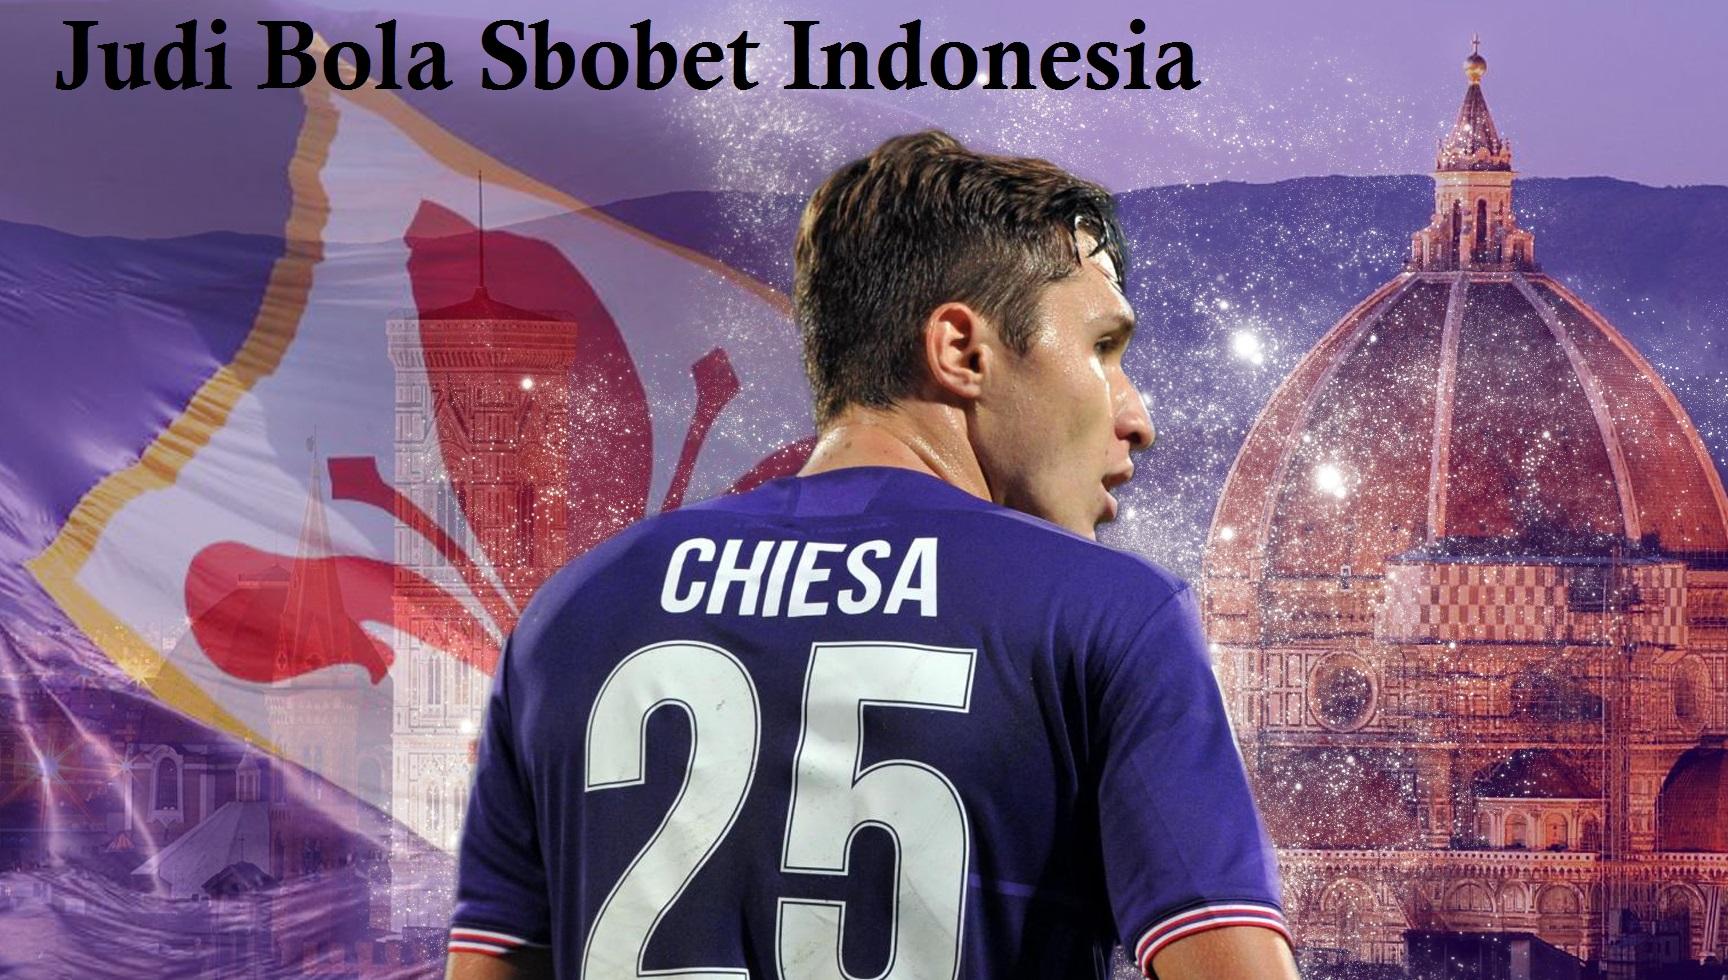 Judi Bola Sbobet Indonesia